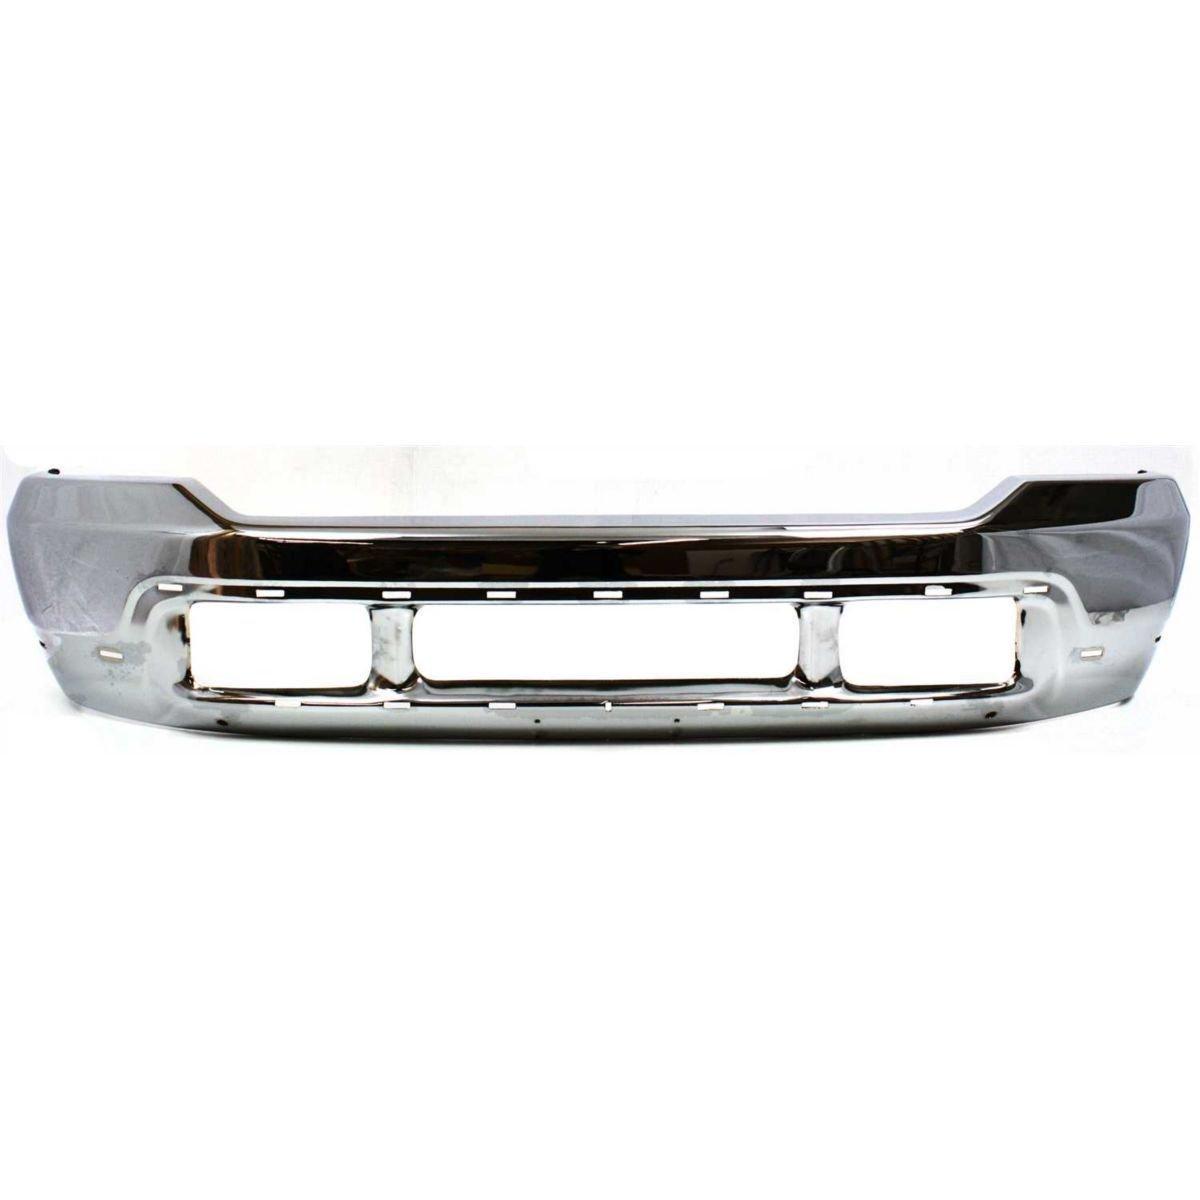 Diften 105 A0394 X01 New Bumper Front Chrome F450 Truck F550 F250 2004 Ford Super Duty F350 Fo1002374 1c3z17757maa Bumpers Accessories Amazon Canada